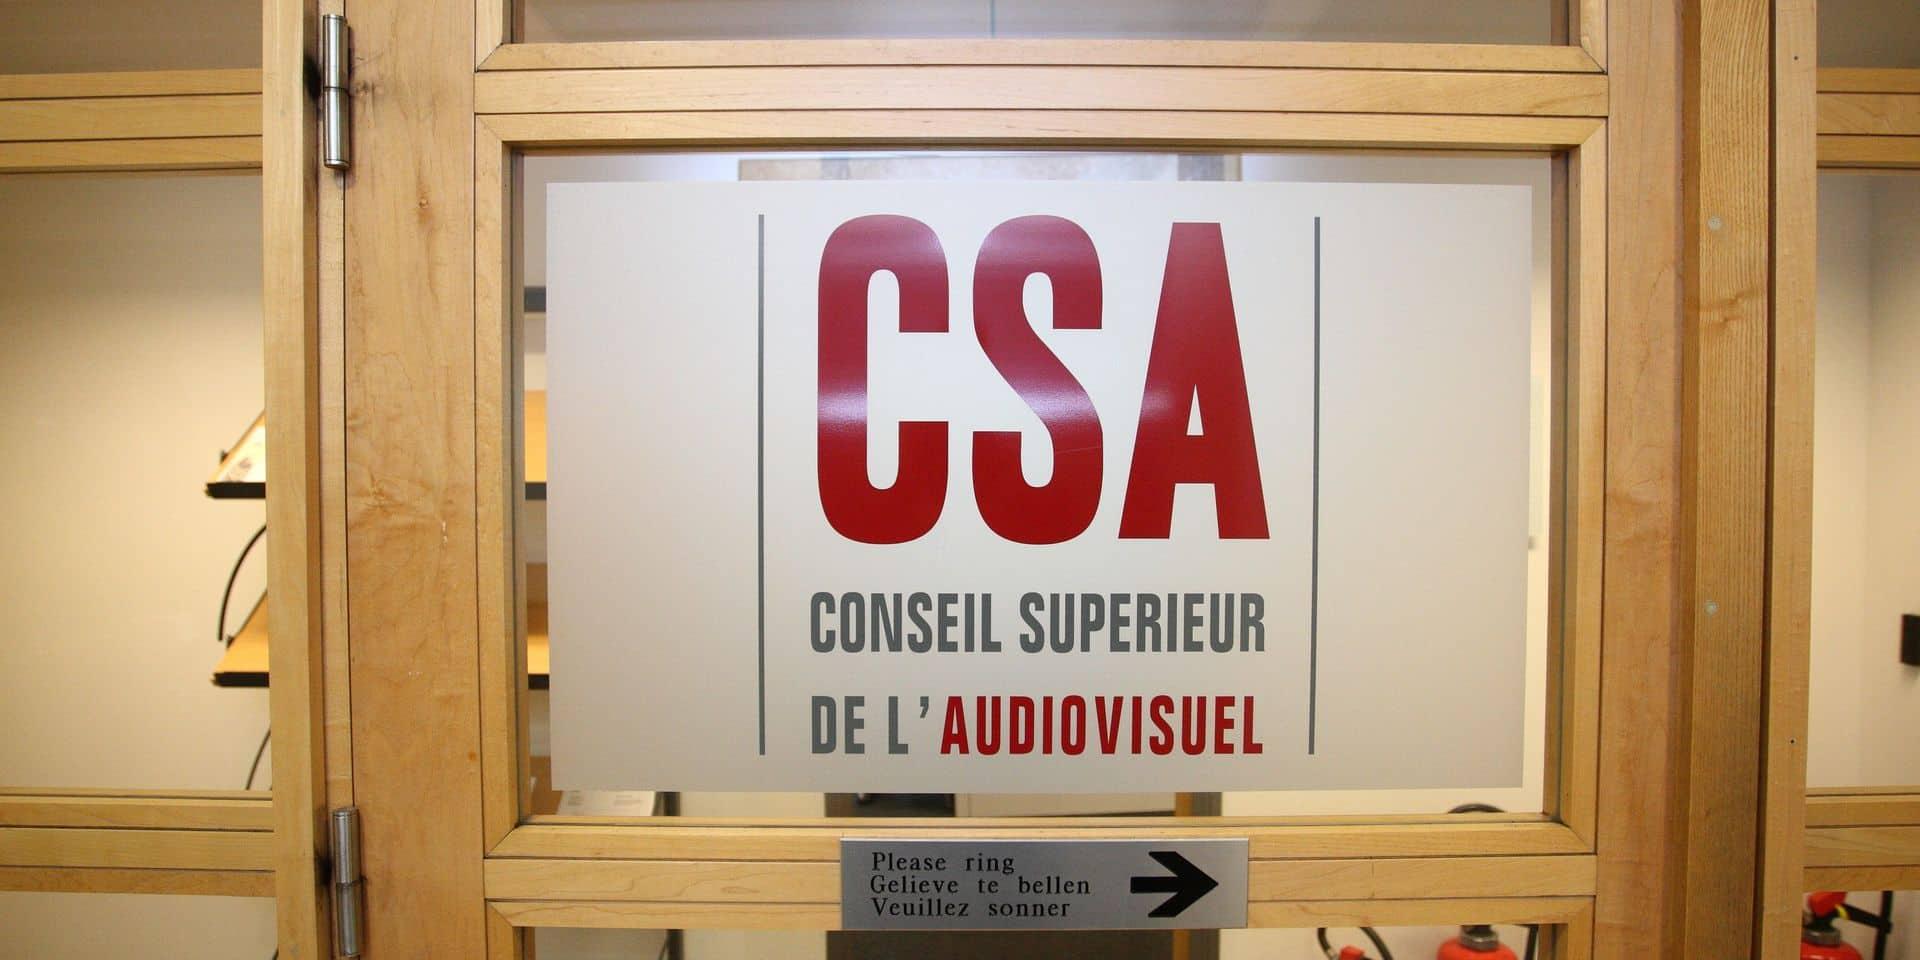 La Tunisie renforce la régulation de son audiovisuel grâce à la Belgique